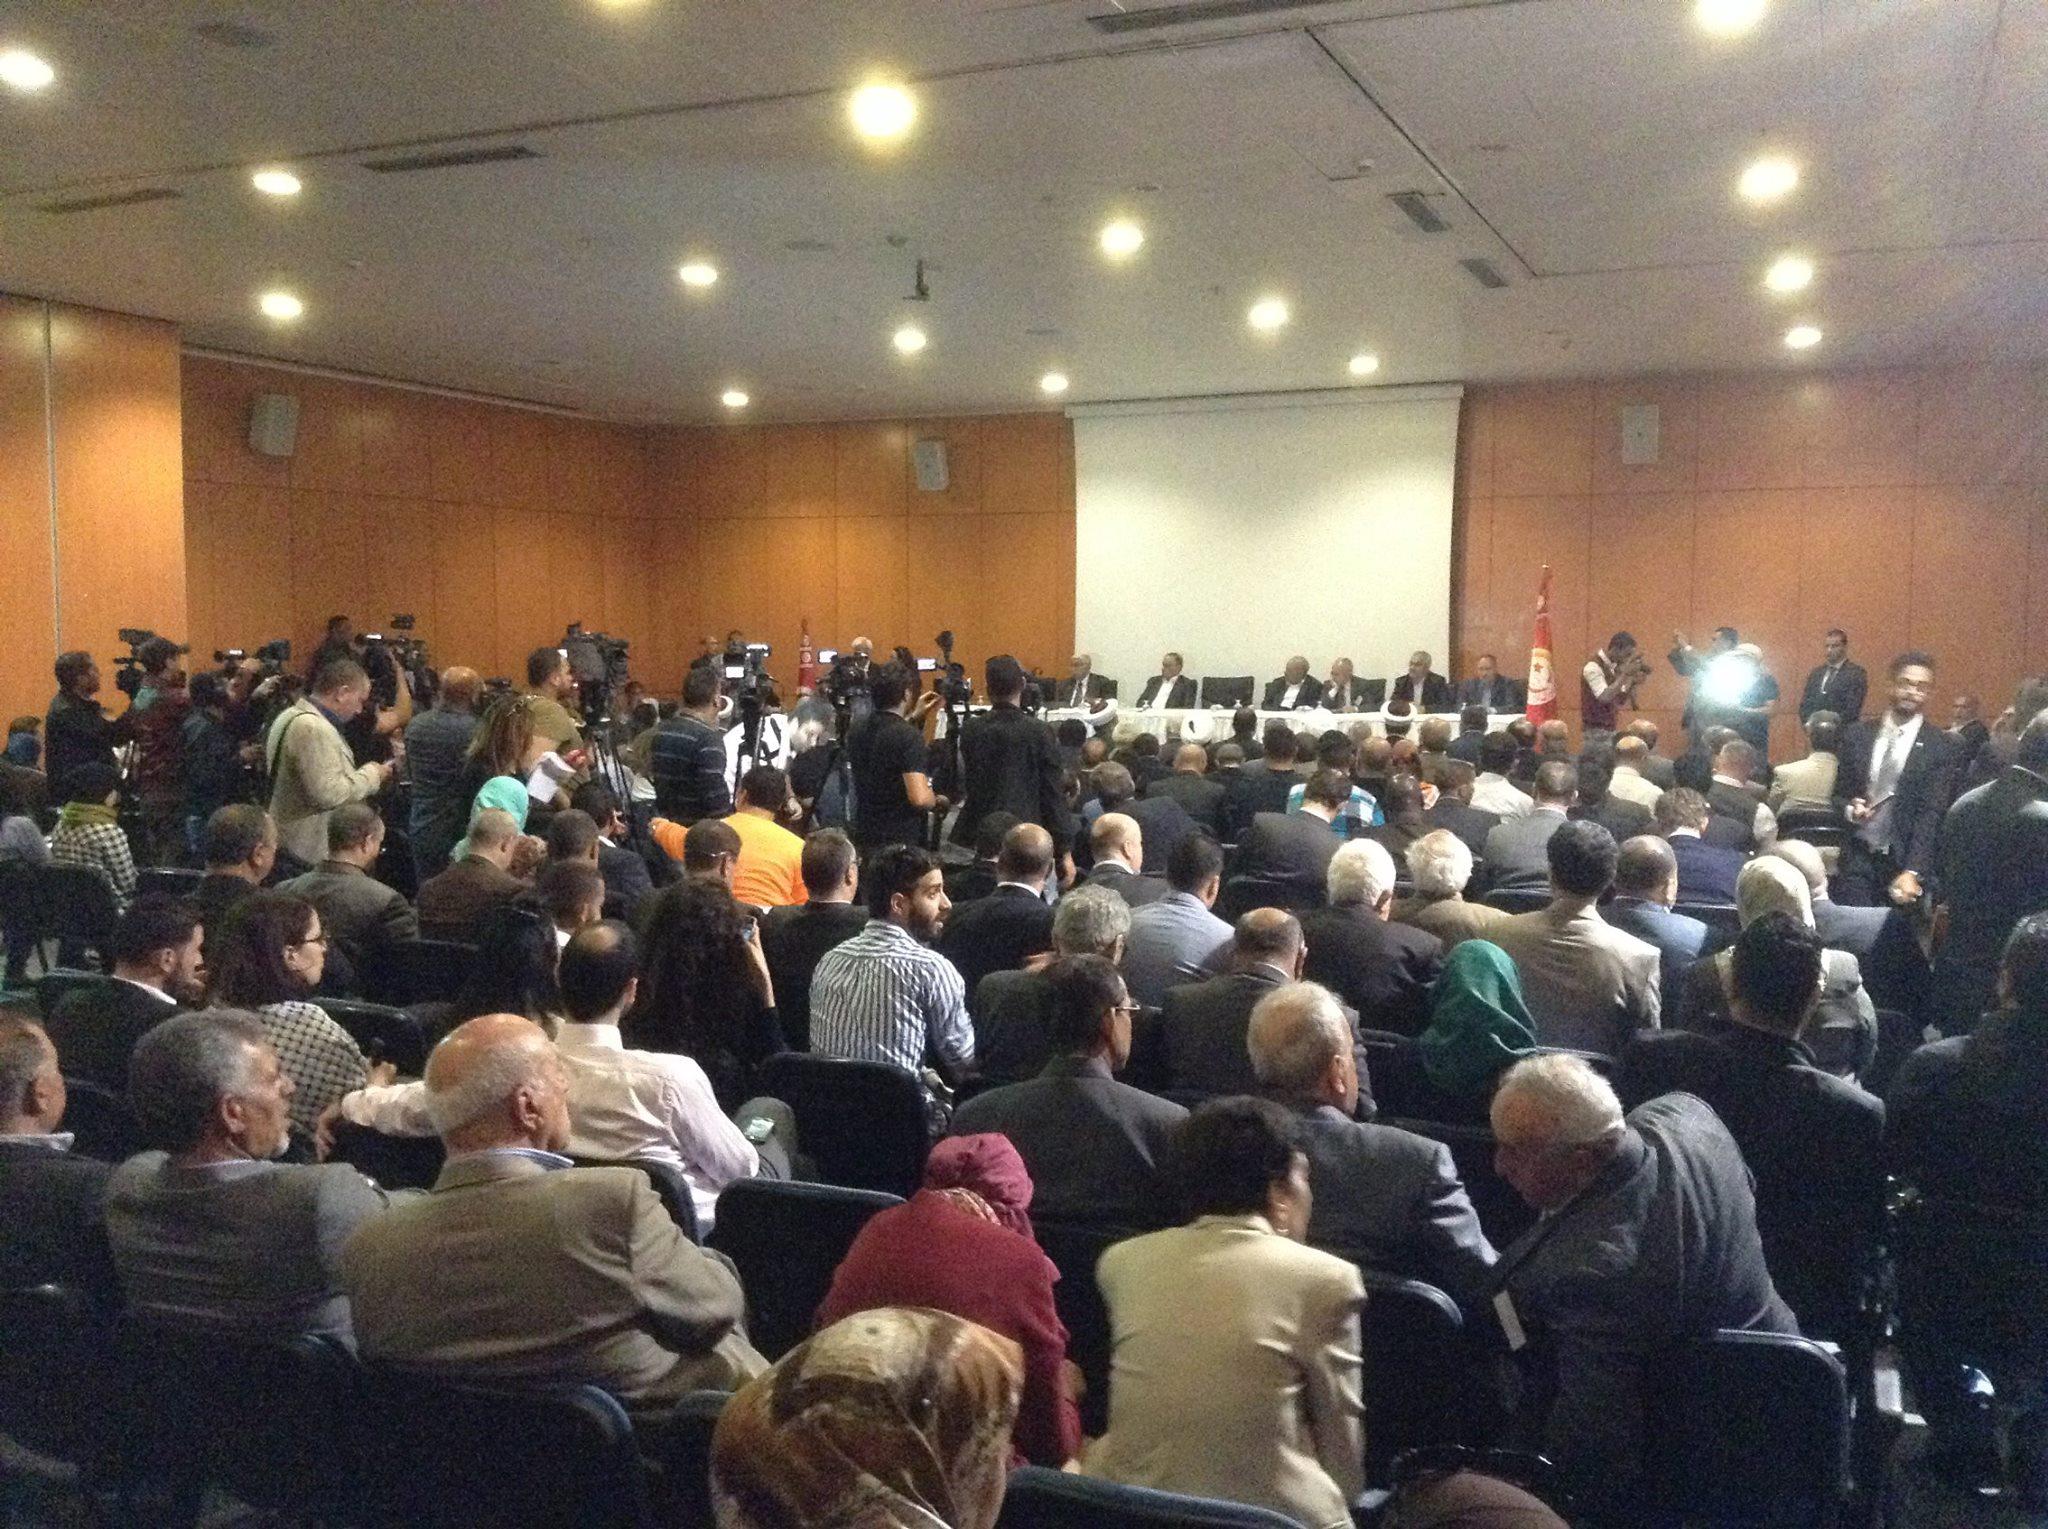 Τη δεύτερη ημέρα του Αραβικού-Διεθνούς Φόρουμ για Δικαιοσύνη στην Παλαιστίνη πραγματοποιήθηκε δημόσια εκδήλωση στην Τύνιδα, με μεγάλη συμμετοχή, η οποία καλύφθηκε από πολλά αραβικά ΜΜΕ. Μίλησαν μέλη του Φόρουμ που κάλυπταν ένα ευρύ πολιτικό και θρησκευτικό φάσμα, καταδεικνύοντας ότι το Παλαιστινιακό είναι θέμα που ενώνει και συμβάλλει σε κοινούς αγώνες ενάντια στο δυτικό ιμπεριαλισμό και το κατοχικό ρατσιστικό ισραηλινό κράτος.